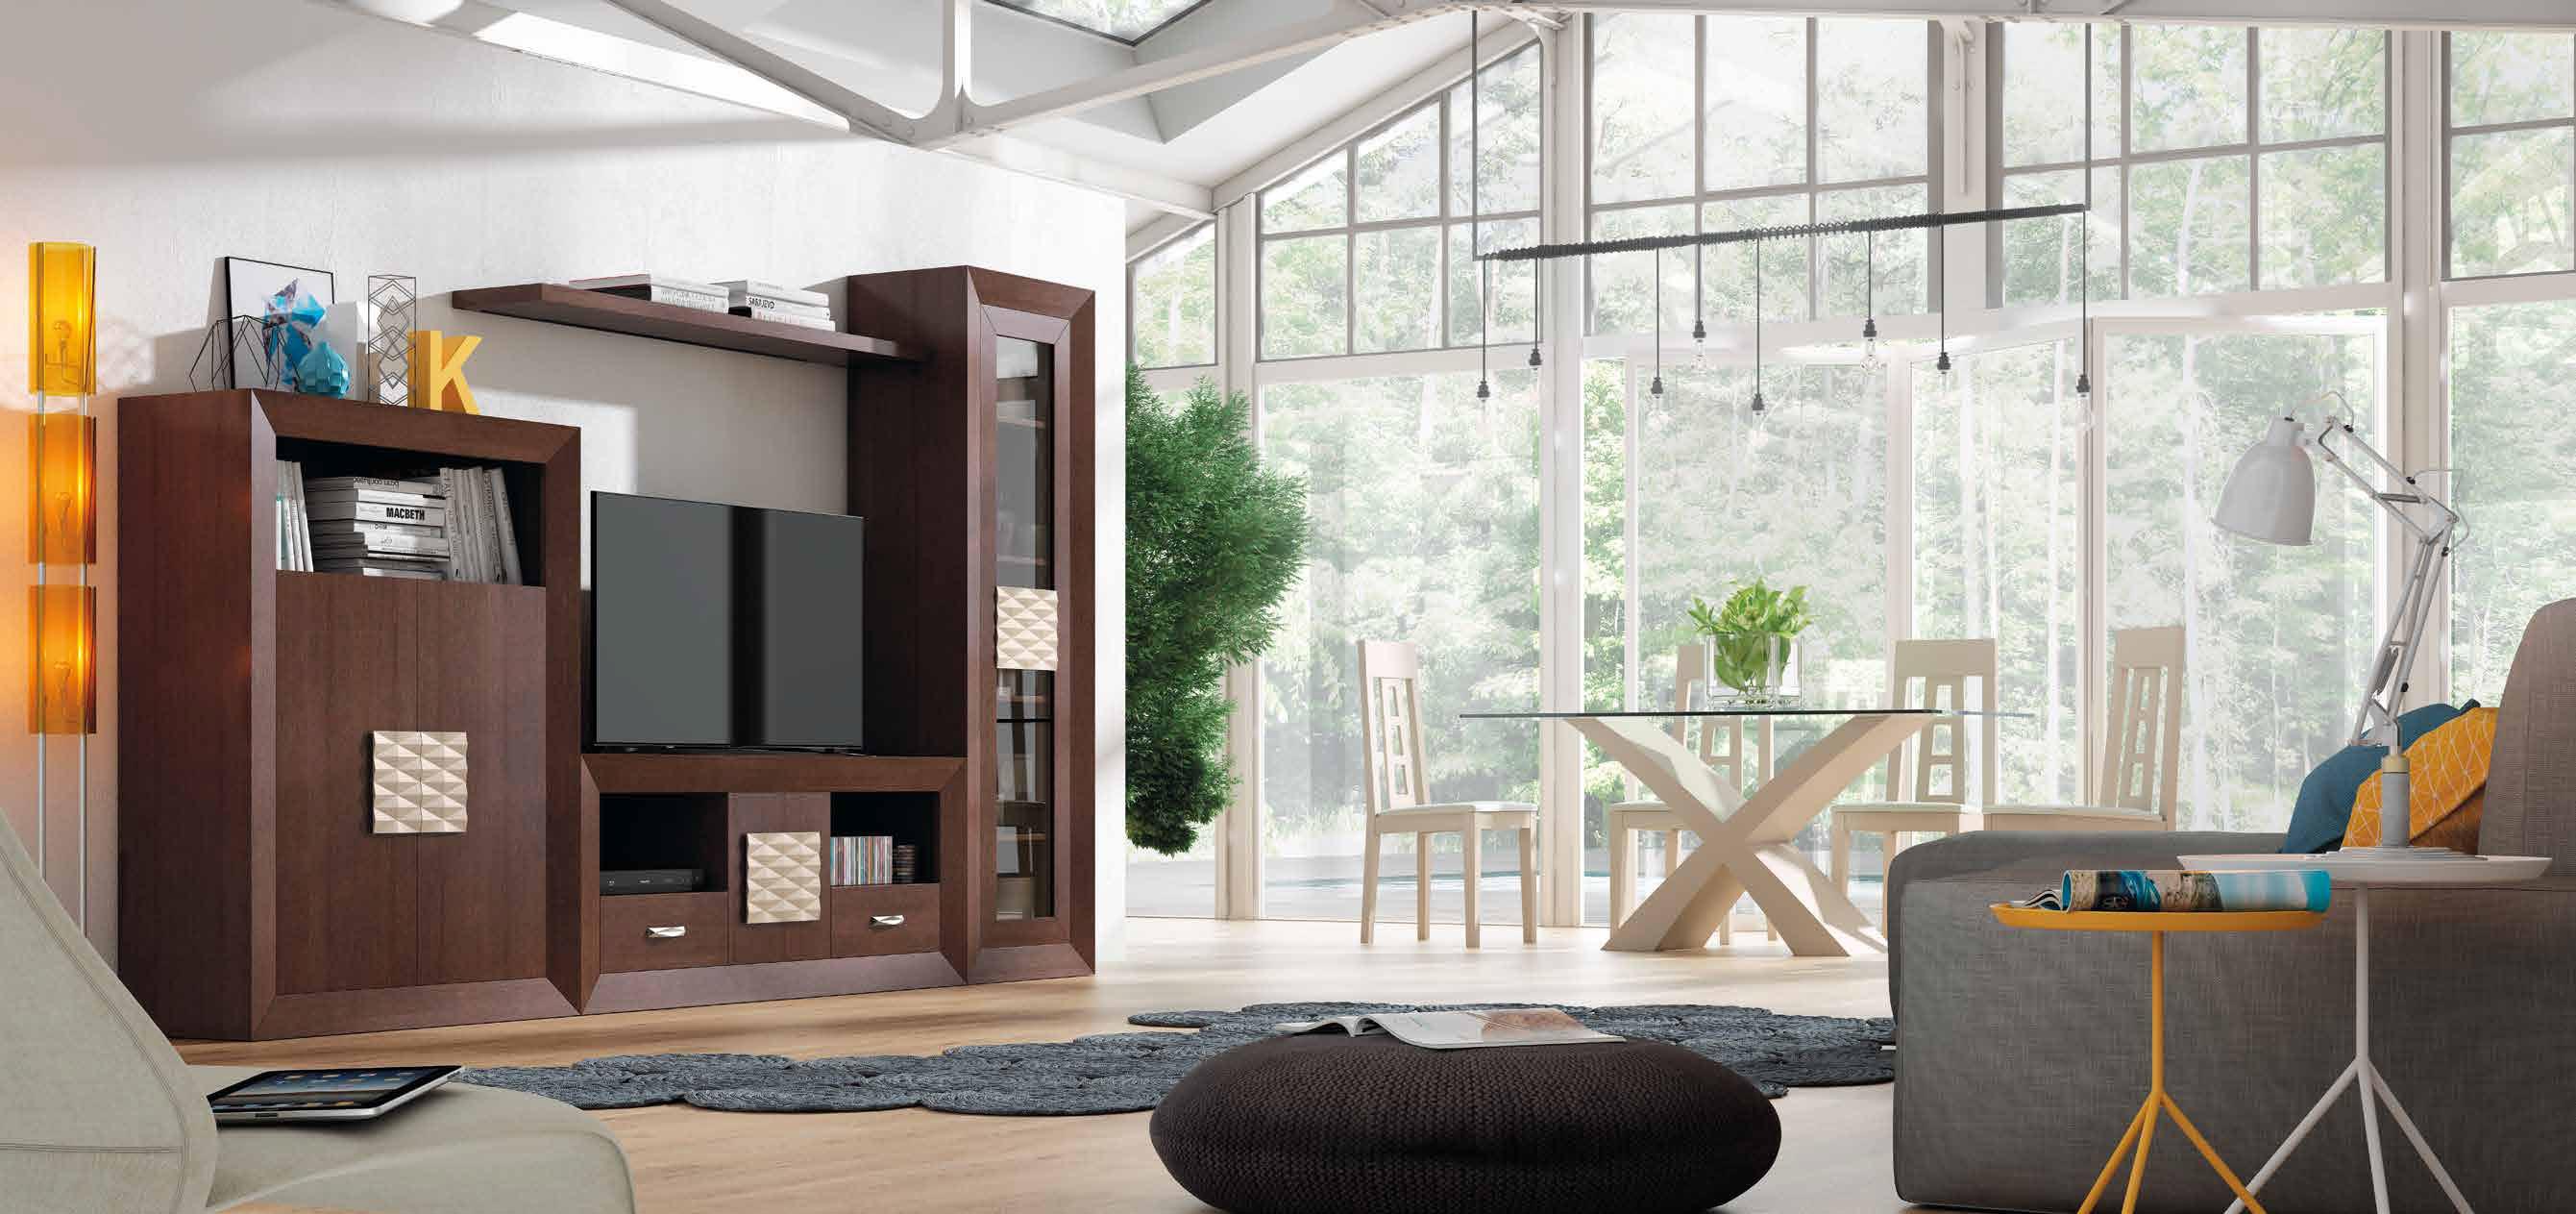 Apilable salón madera 310x190 cm, ambiente sobrio en sus acabados, con una zona de gran capacidad de almacenaje.